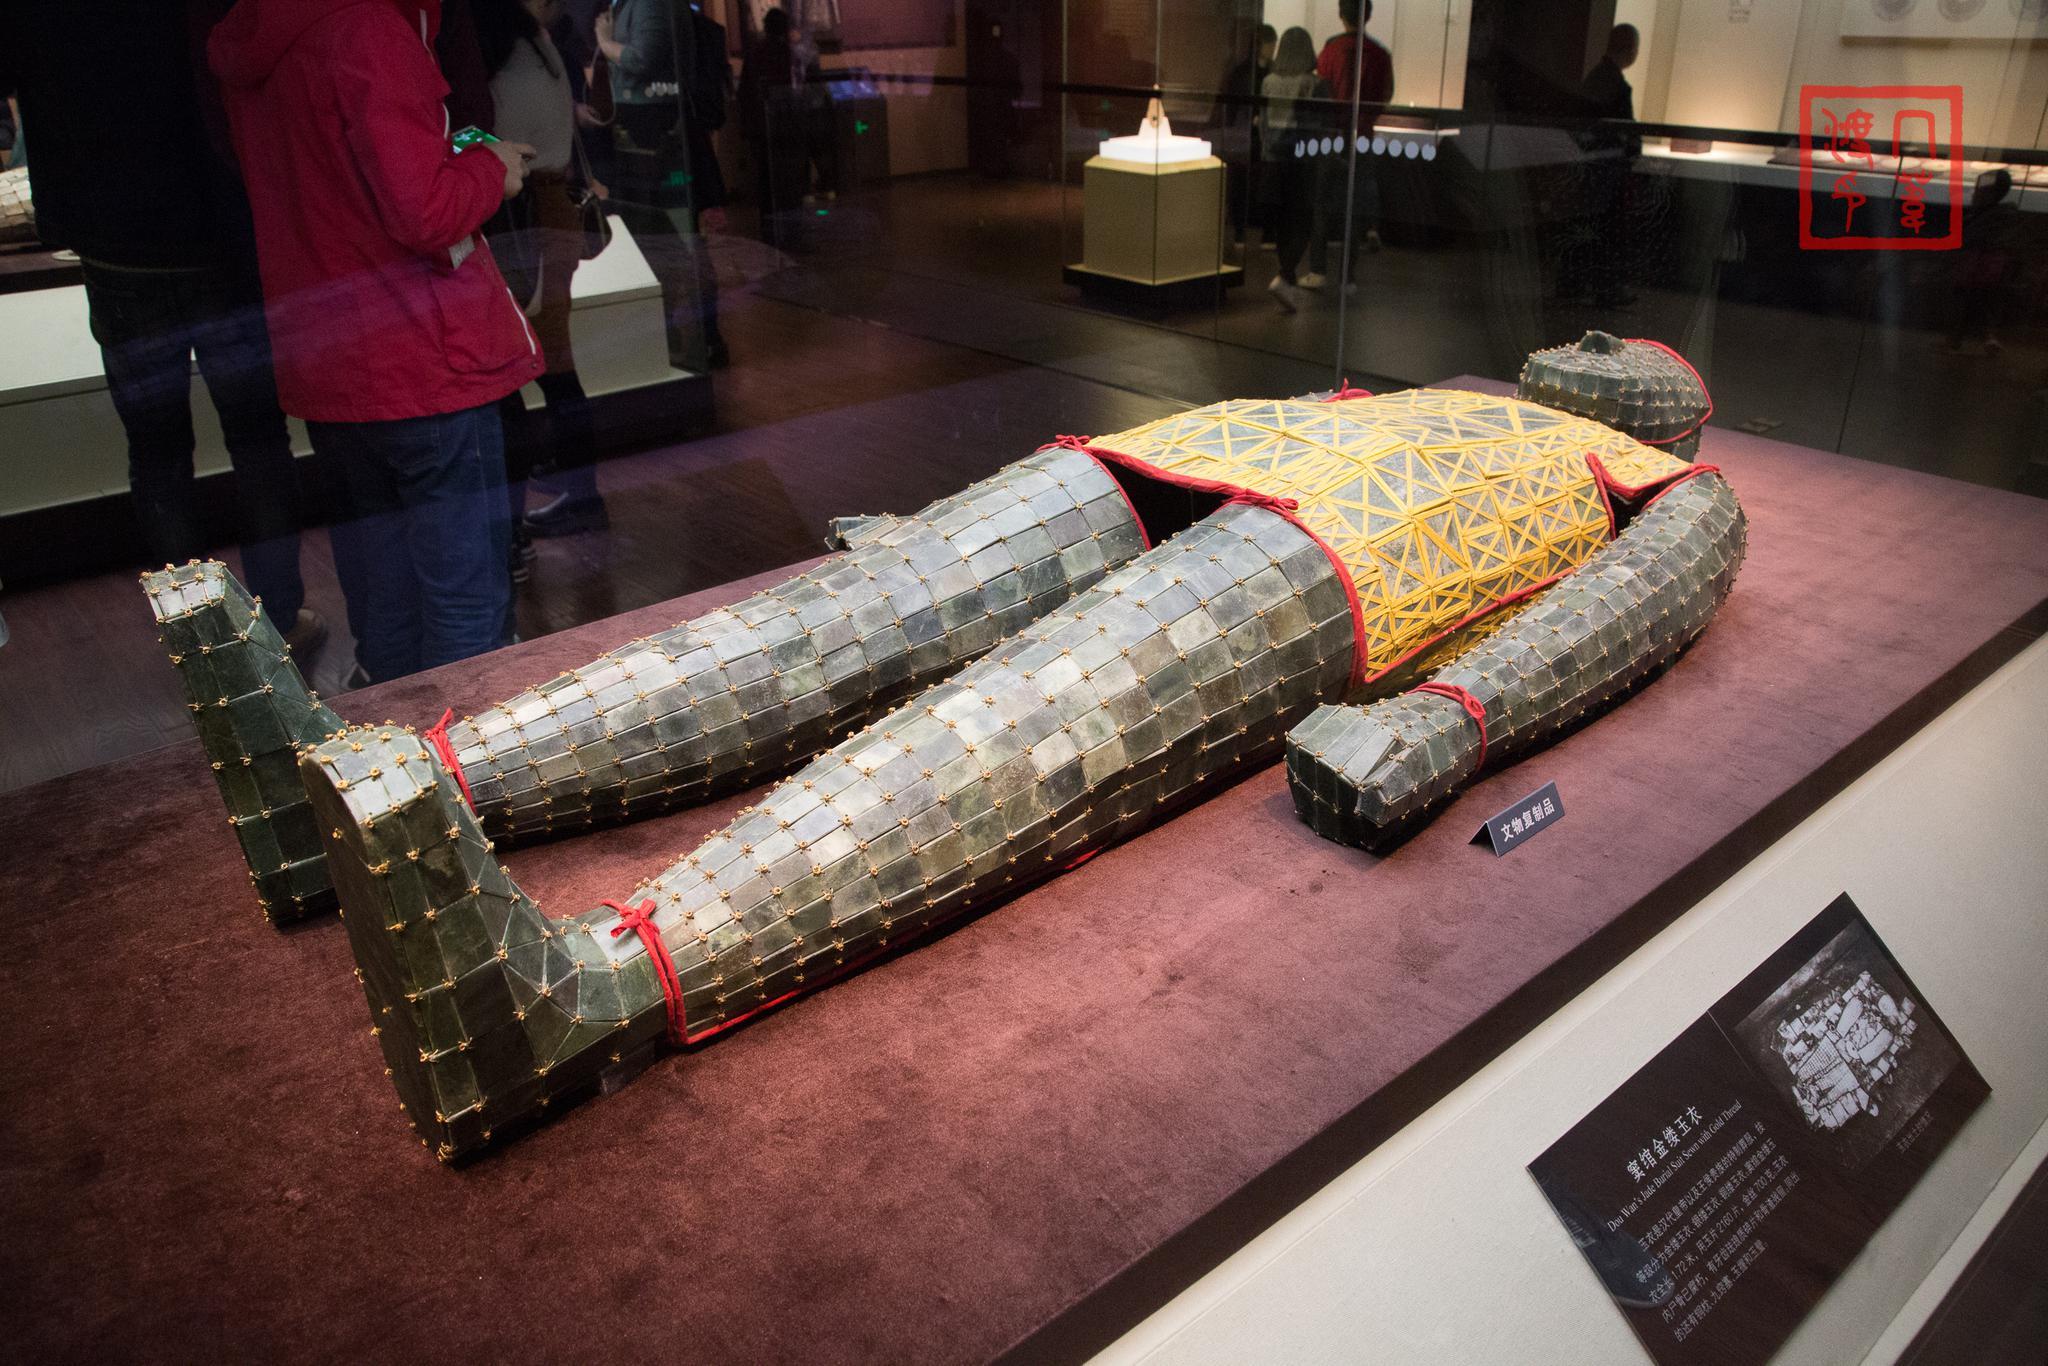 河北博物馆藏品